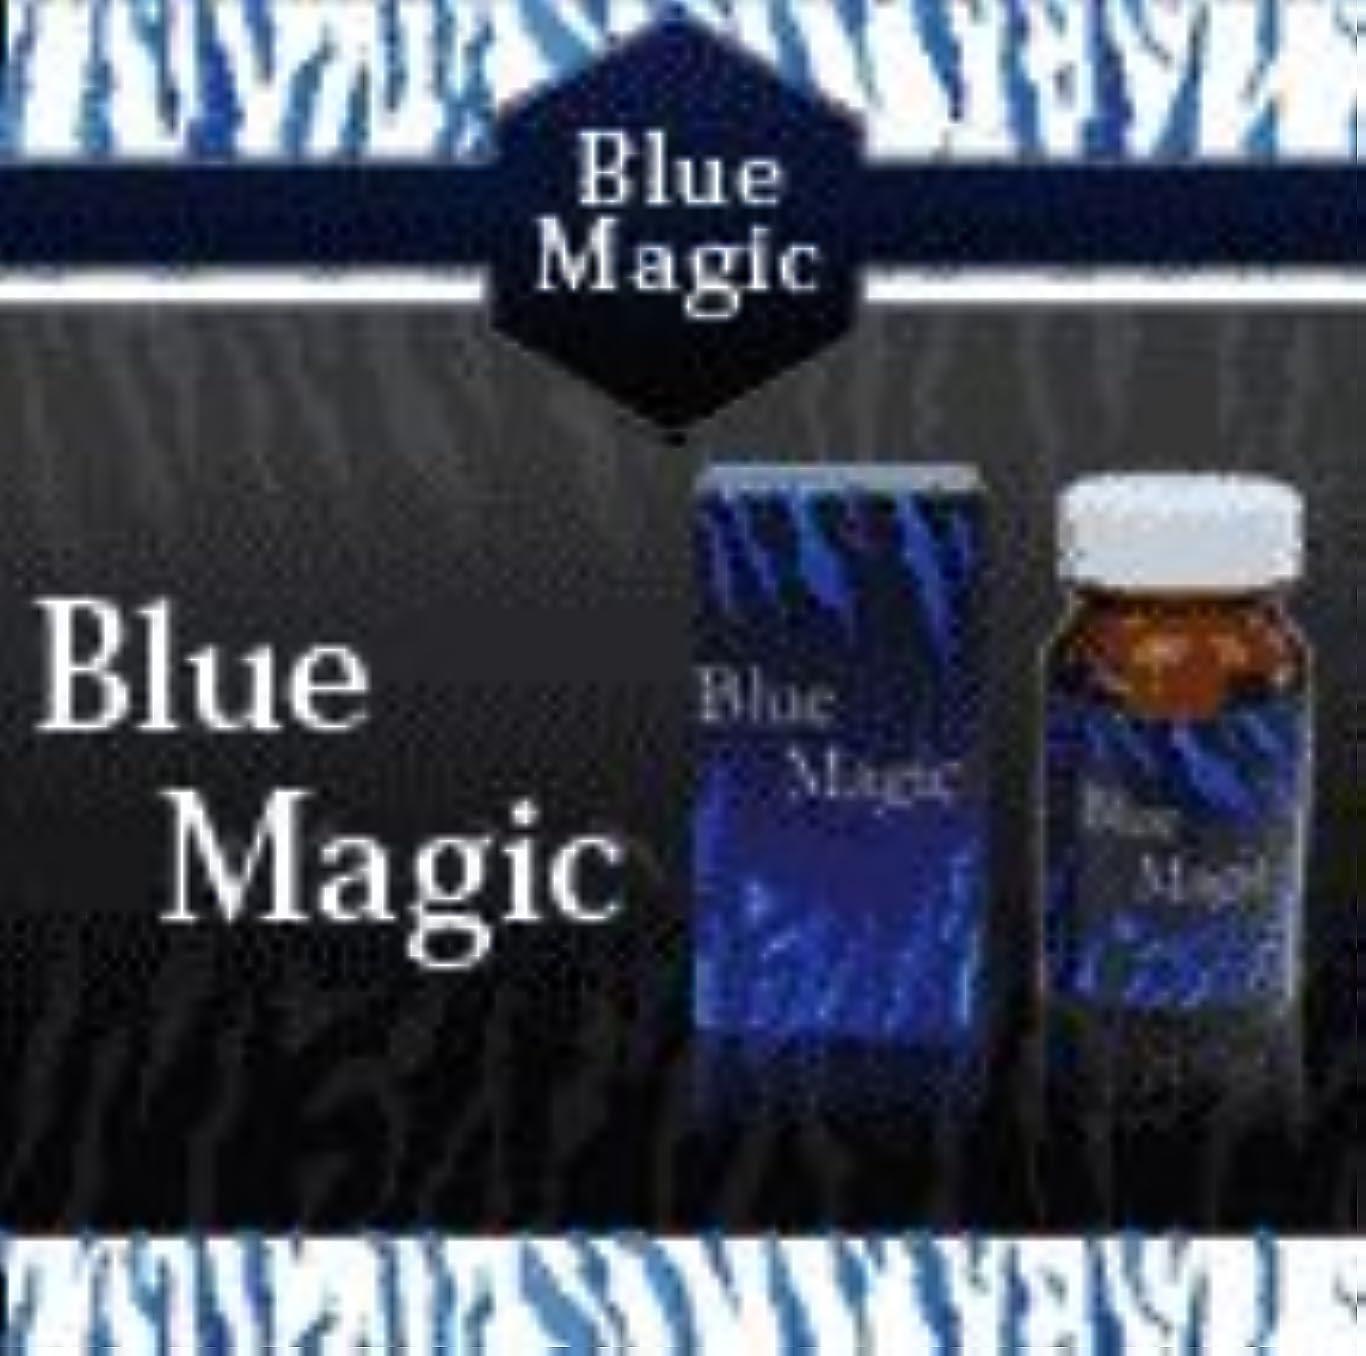 終了するタイプ合図「Blue Magic」ブルーマジック (ダイエットサプリメント) 3個セット